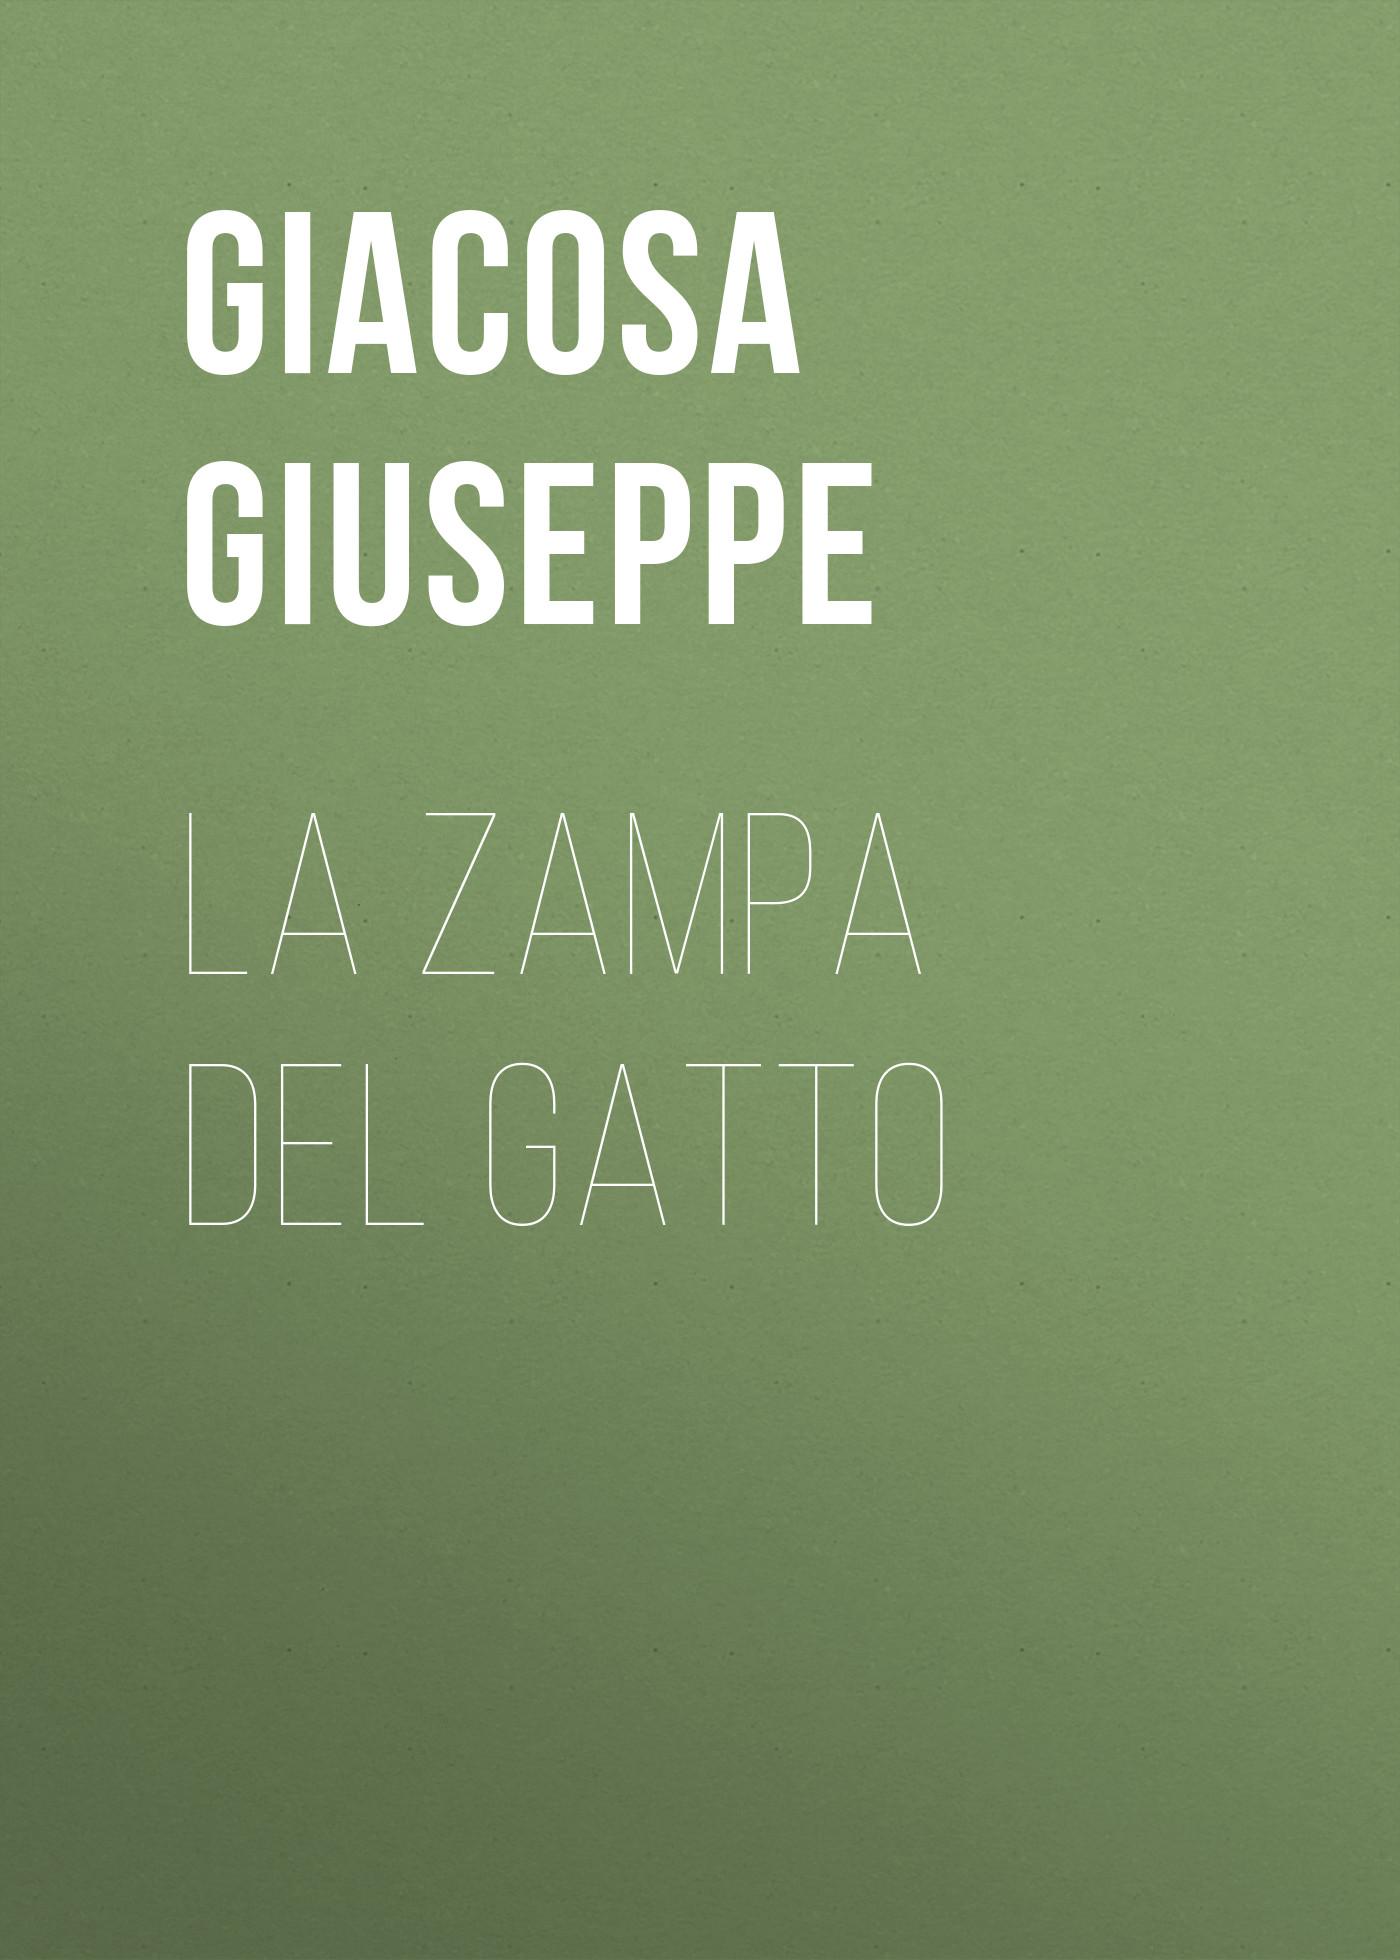 Giacosa Giuseppe La zampa del gatto giacosa giuseppe la zampa del gatto